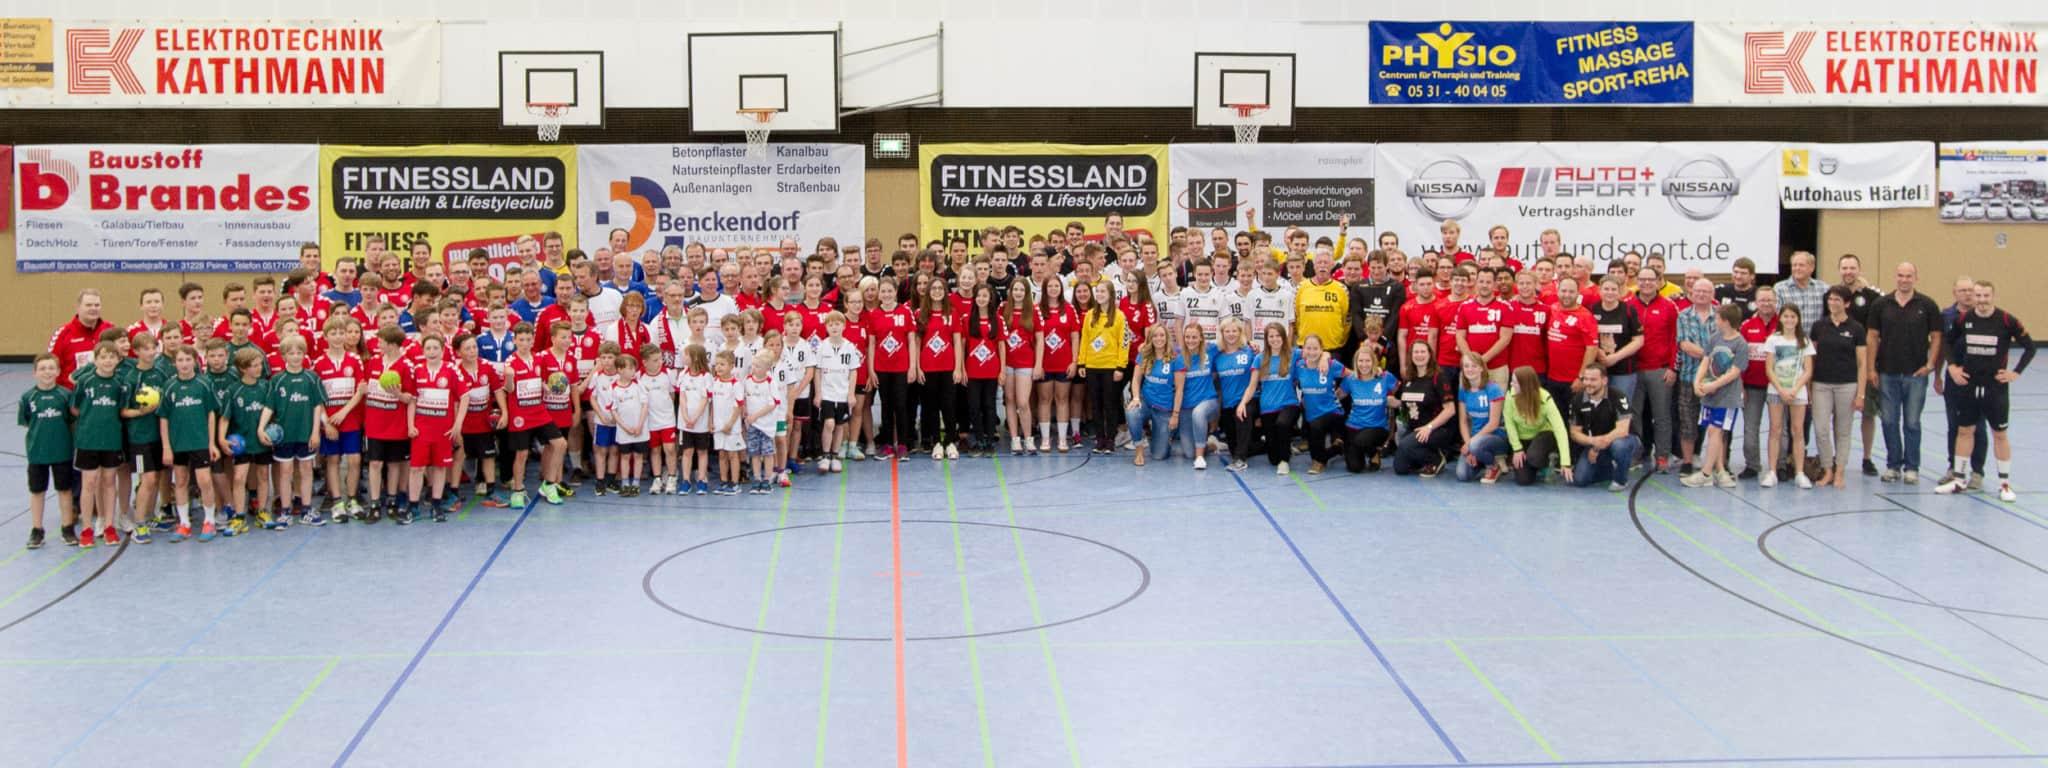 Die gesamte Handballabteilung des MTV Braunschweig